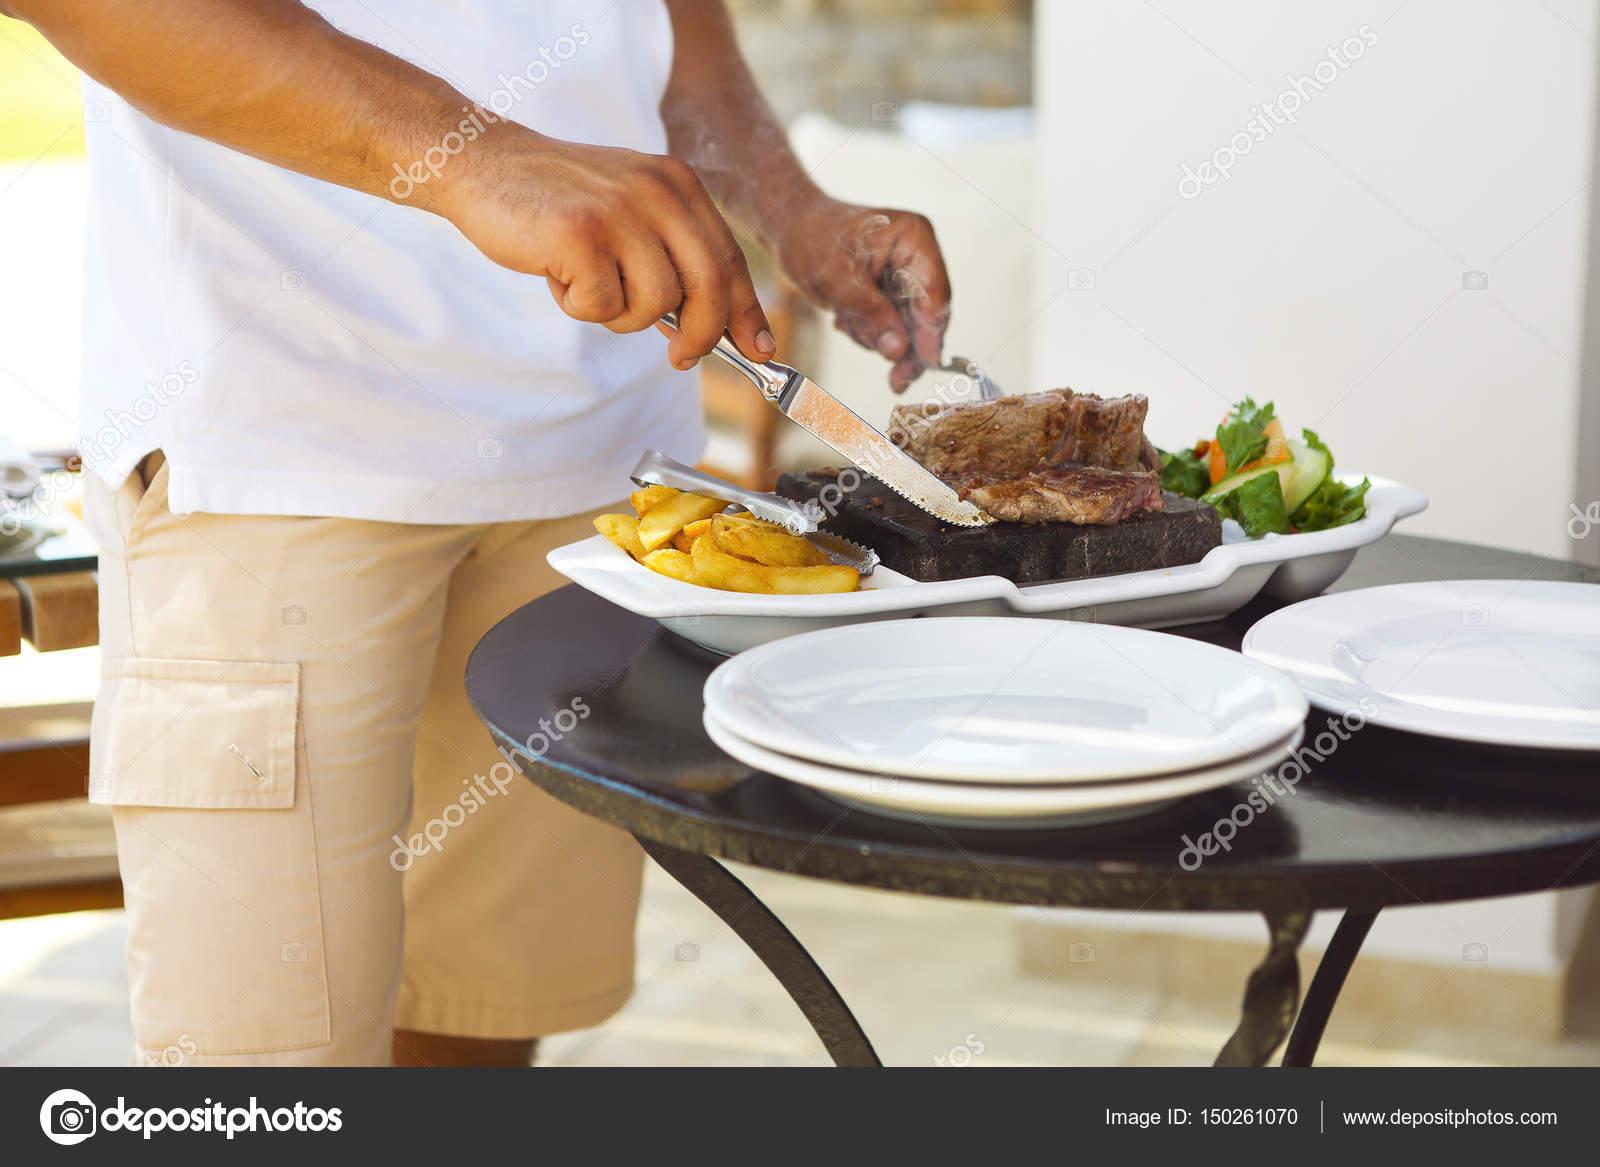 Hombre cocina beaf steak en piedra caliente — Fotos de Stock ...